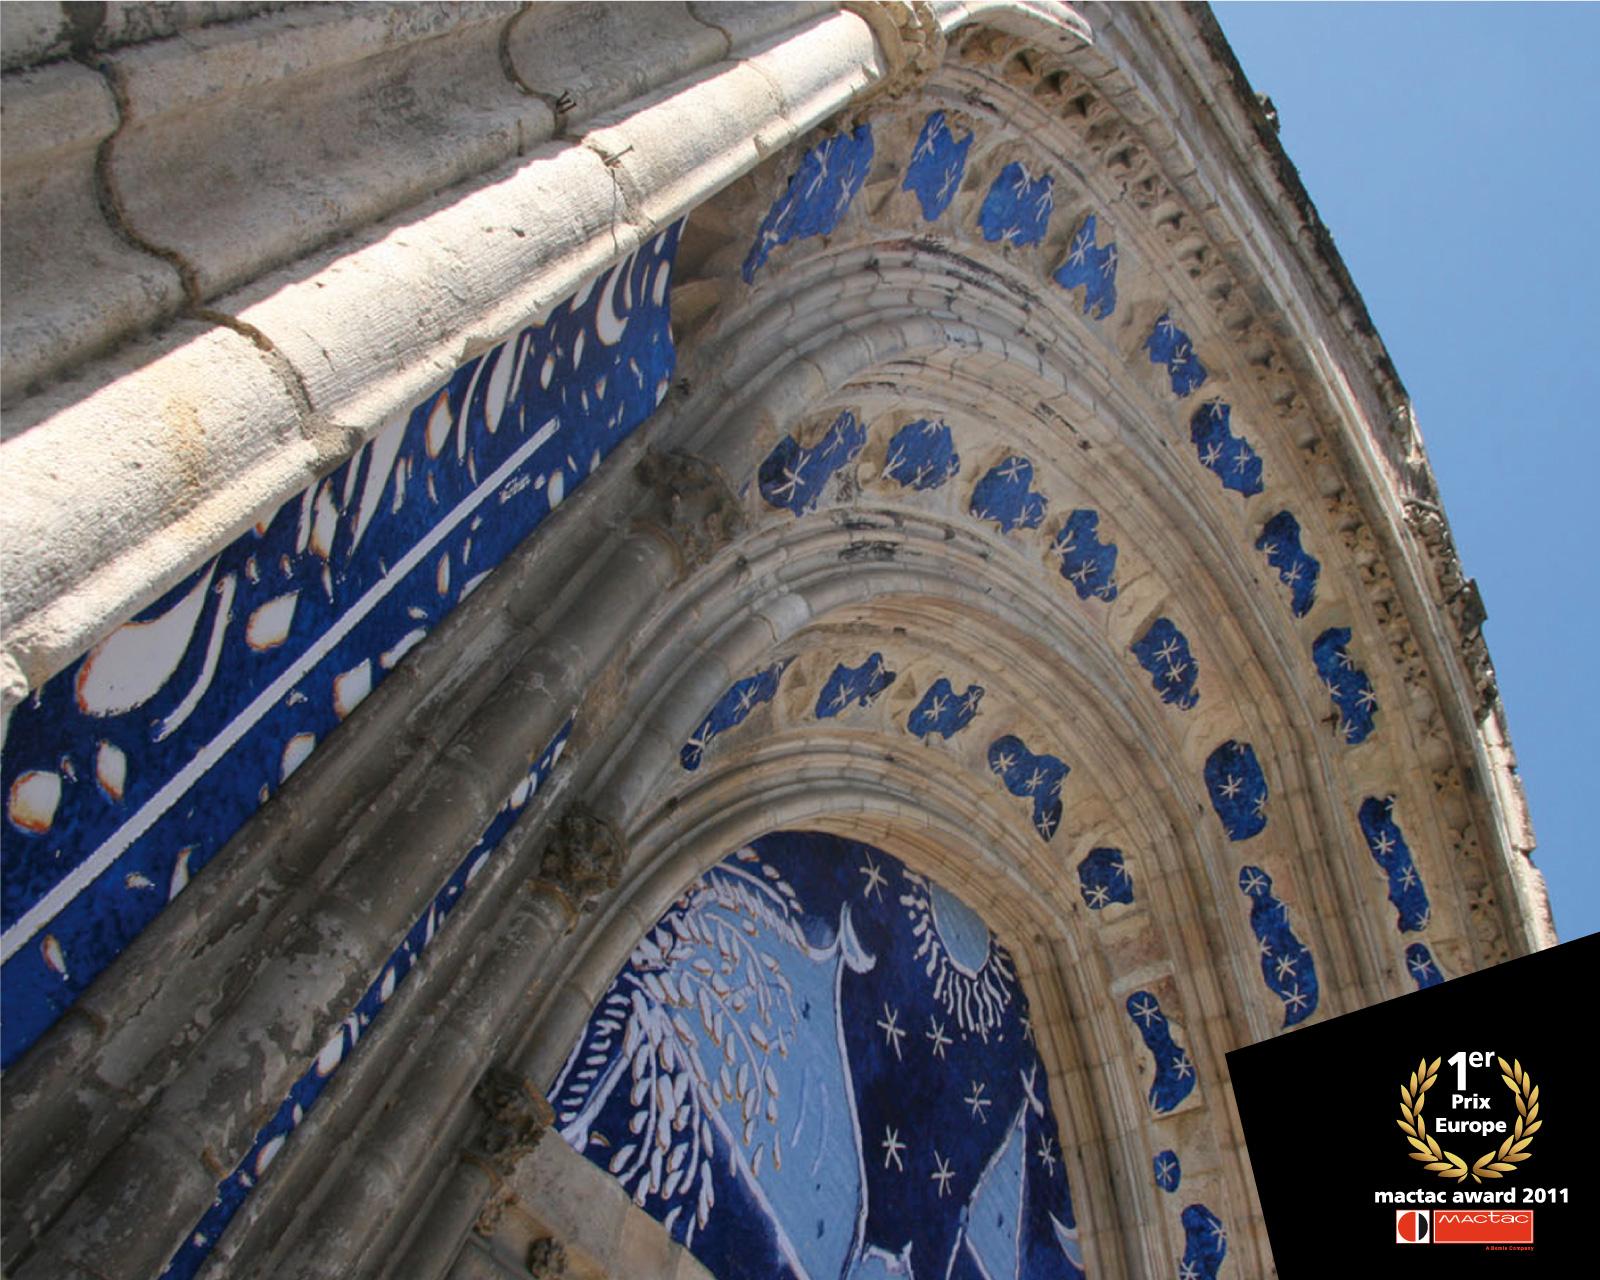 Mactac Award 2011. Photo de la cathédrale de Rieux-Volvestre.